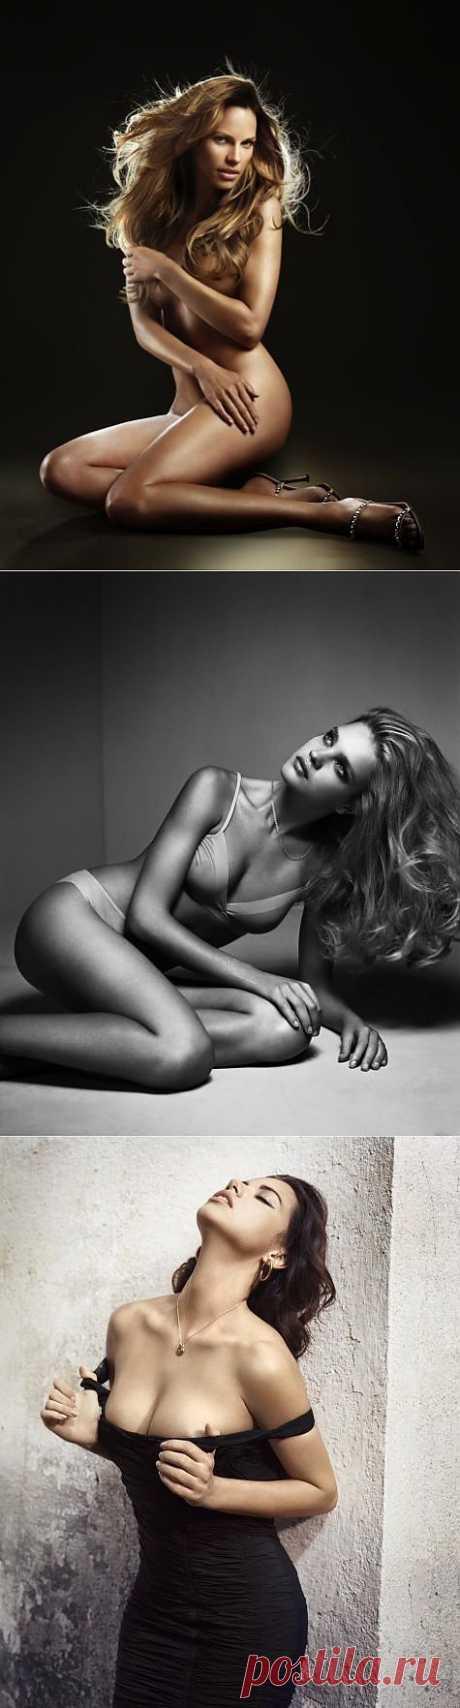 No me es necesario la cama para demostrar la feminidad. Puedo ser sexual, simplemente arrancando las manzanas del árbol o estando bajo la lluvia.\u000d\u000a() Audrey Hepbern